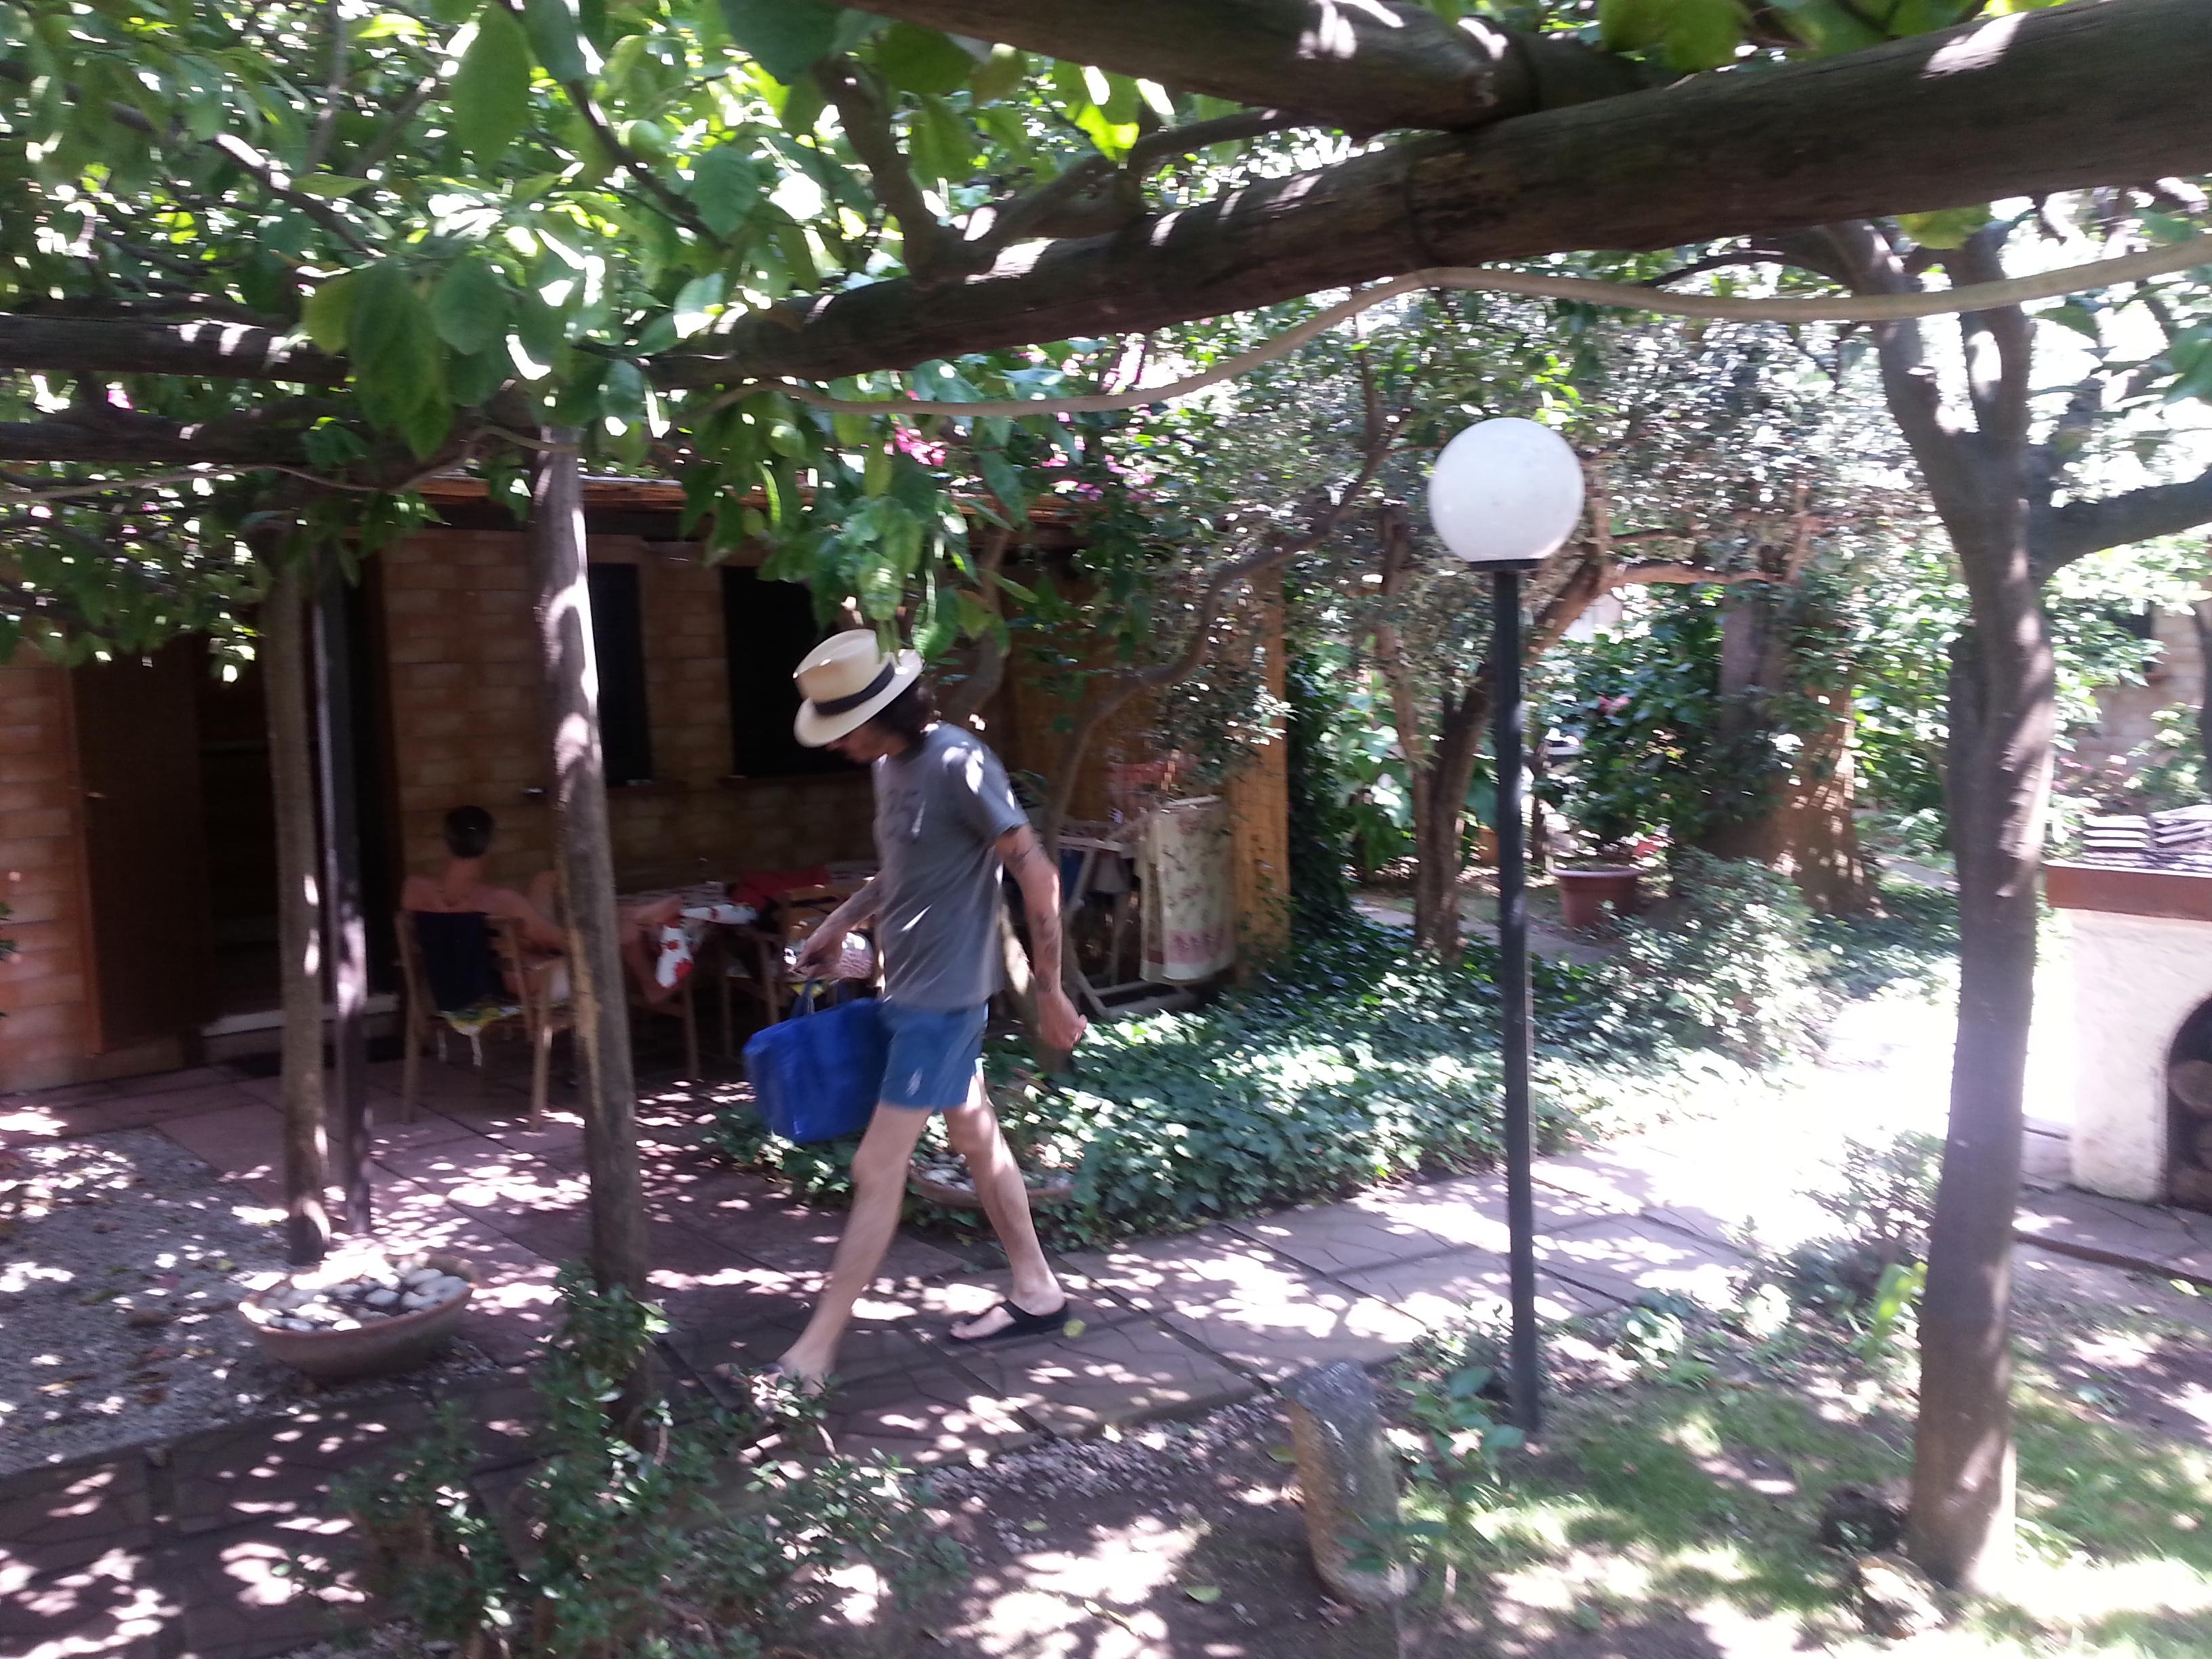 Veranda di fronte a limoneto